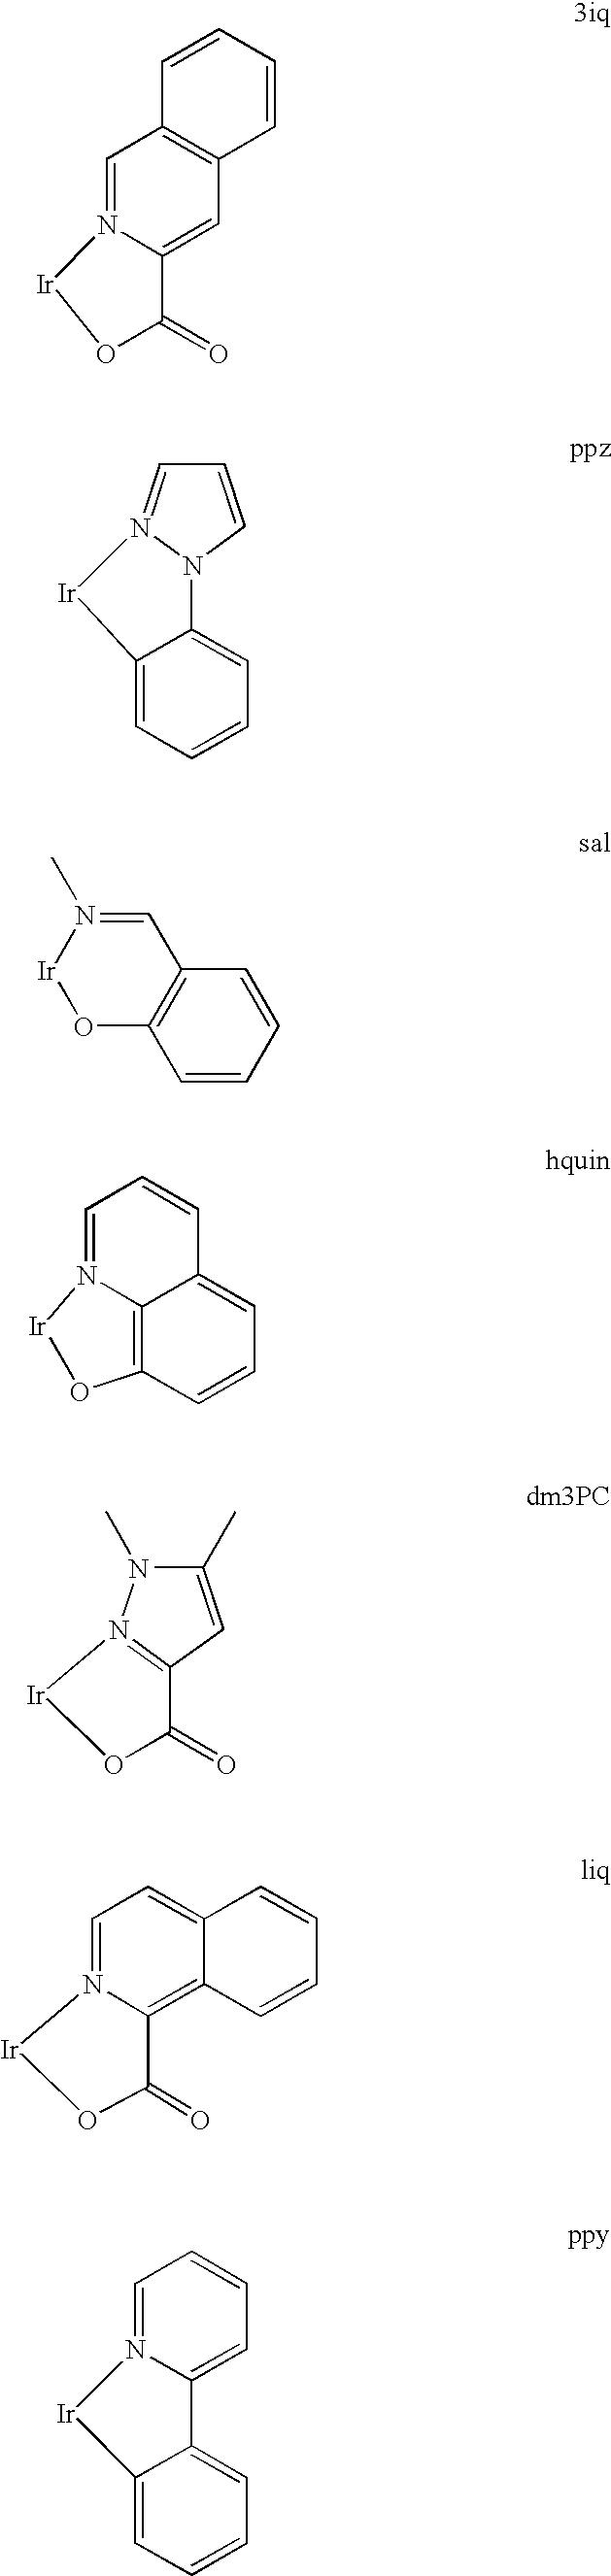 Figure US20050031903A1-20050210-C00010